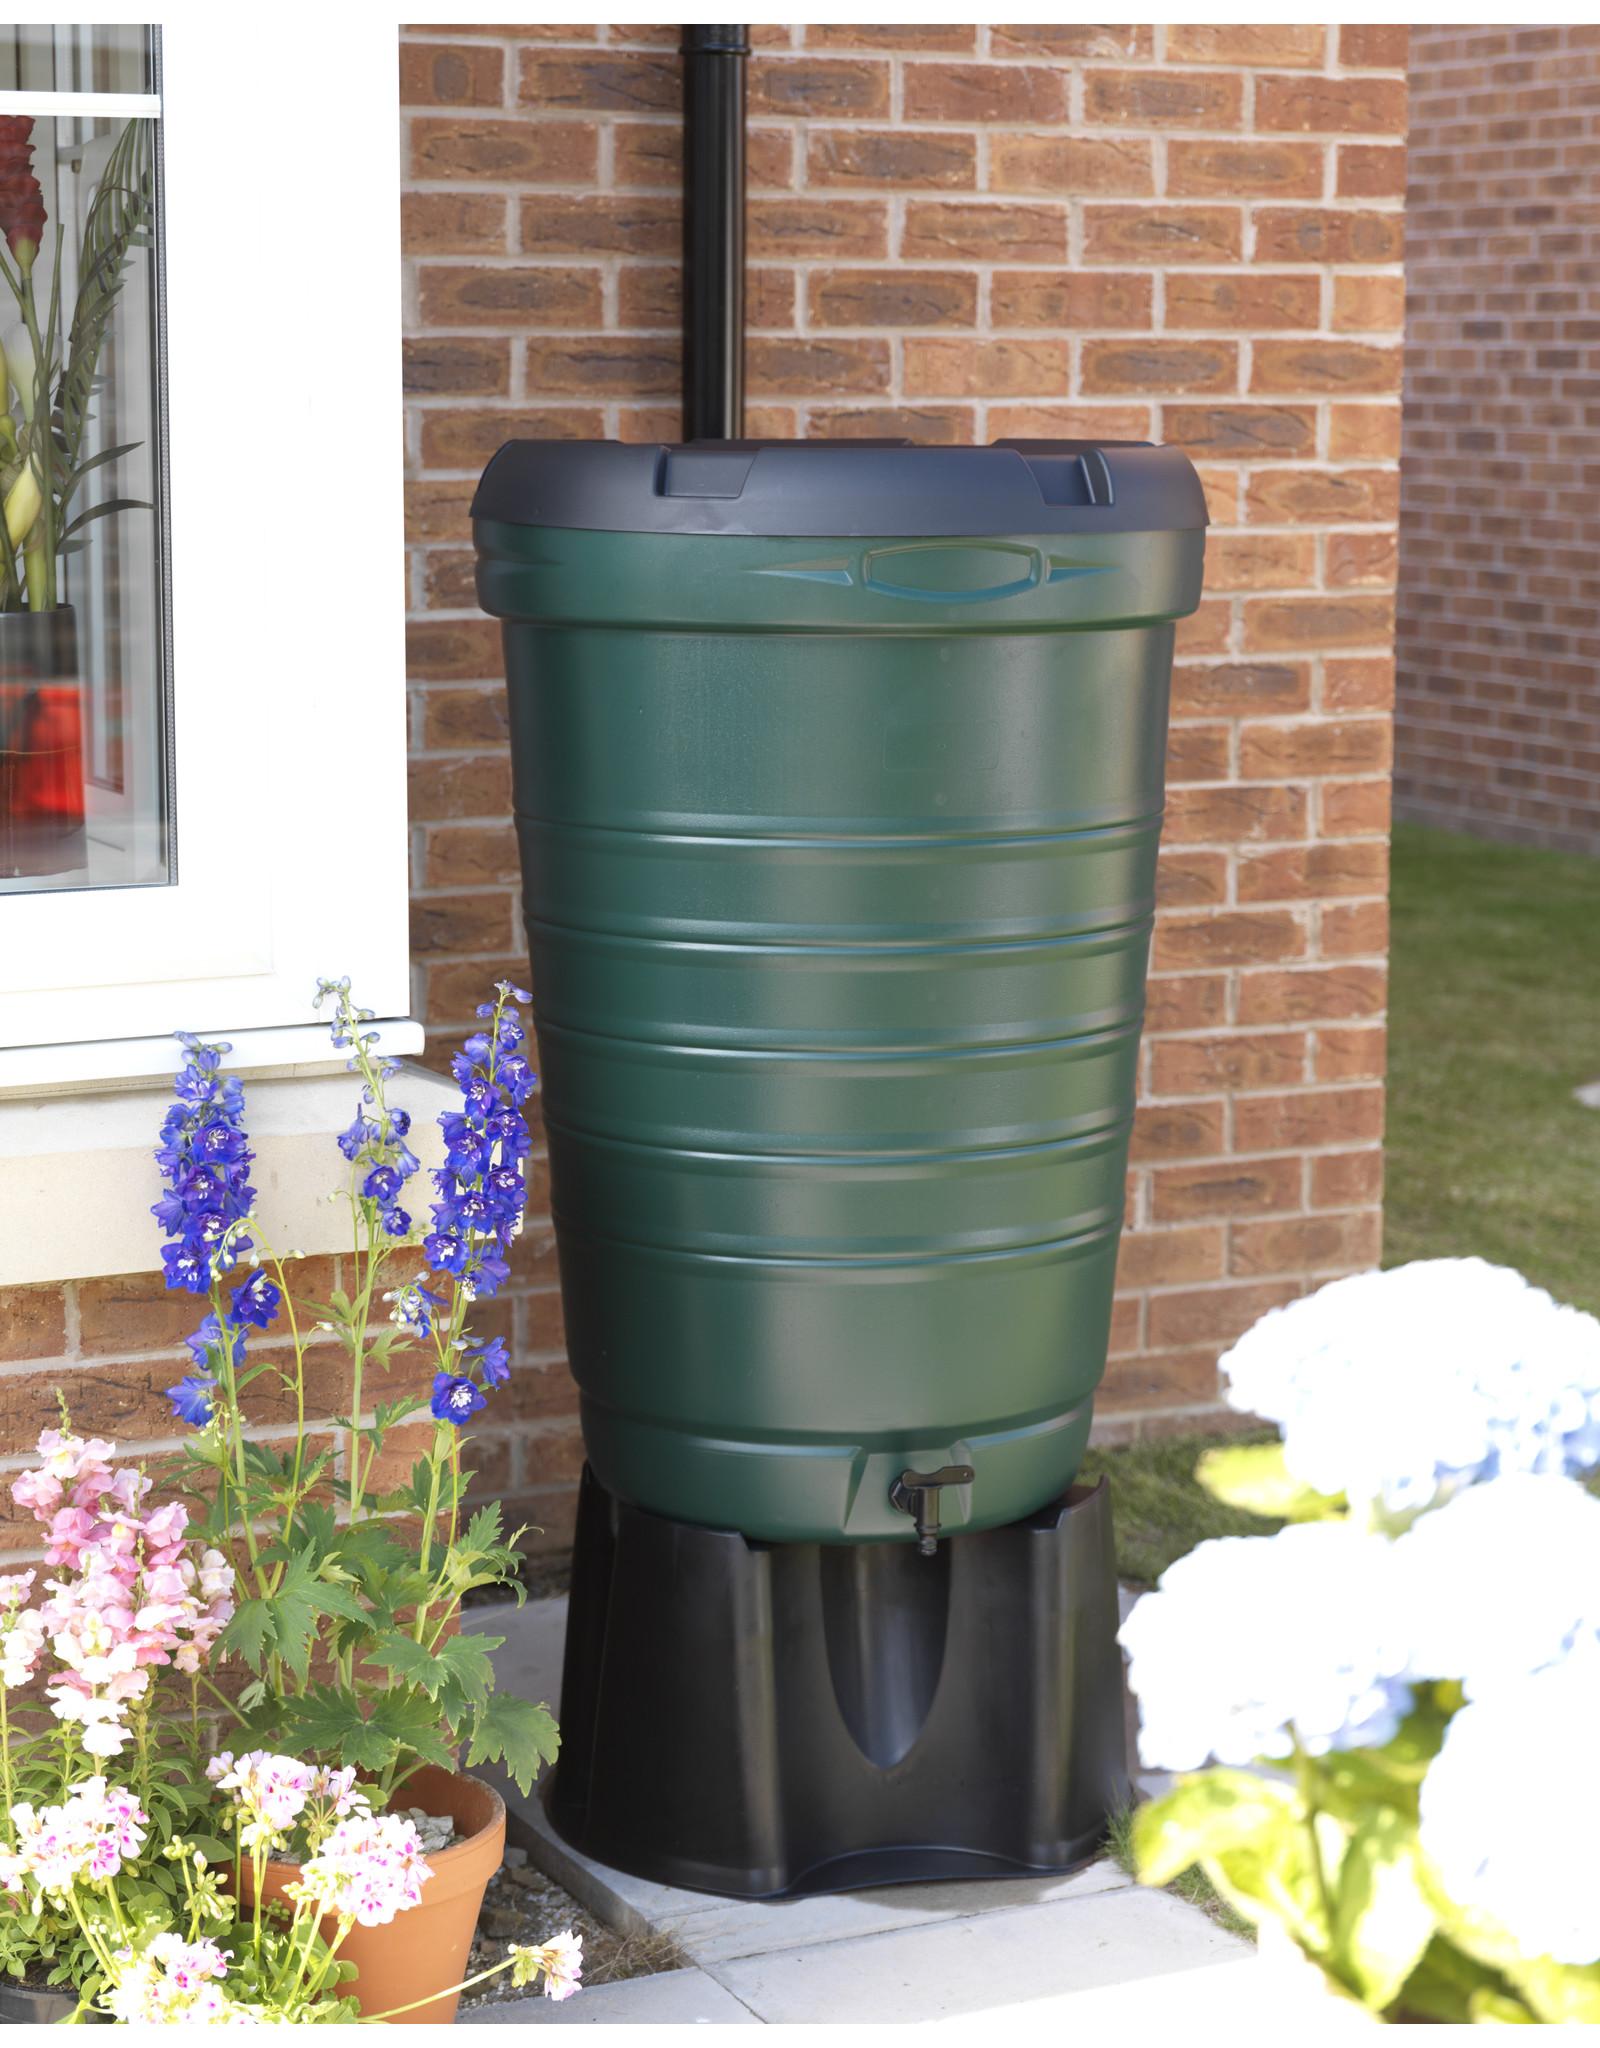 BeGreen Rainsaver 190 liter